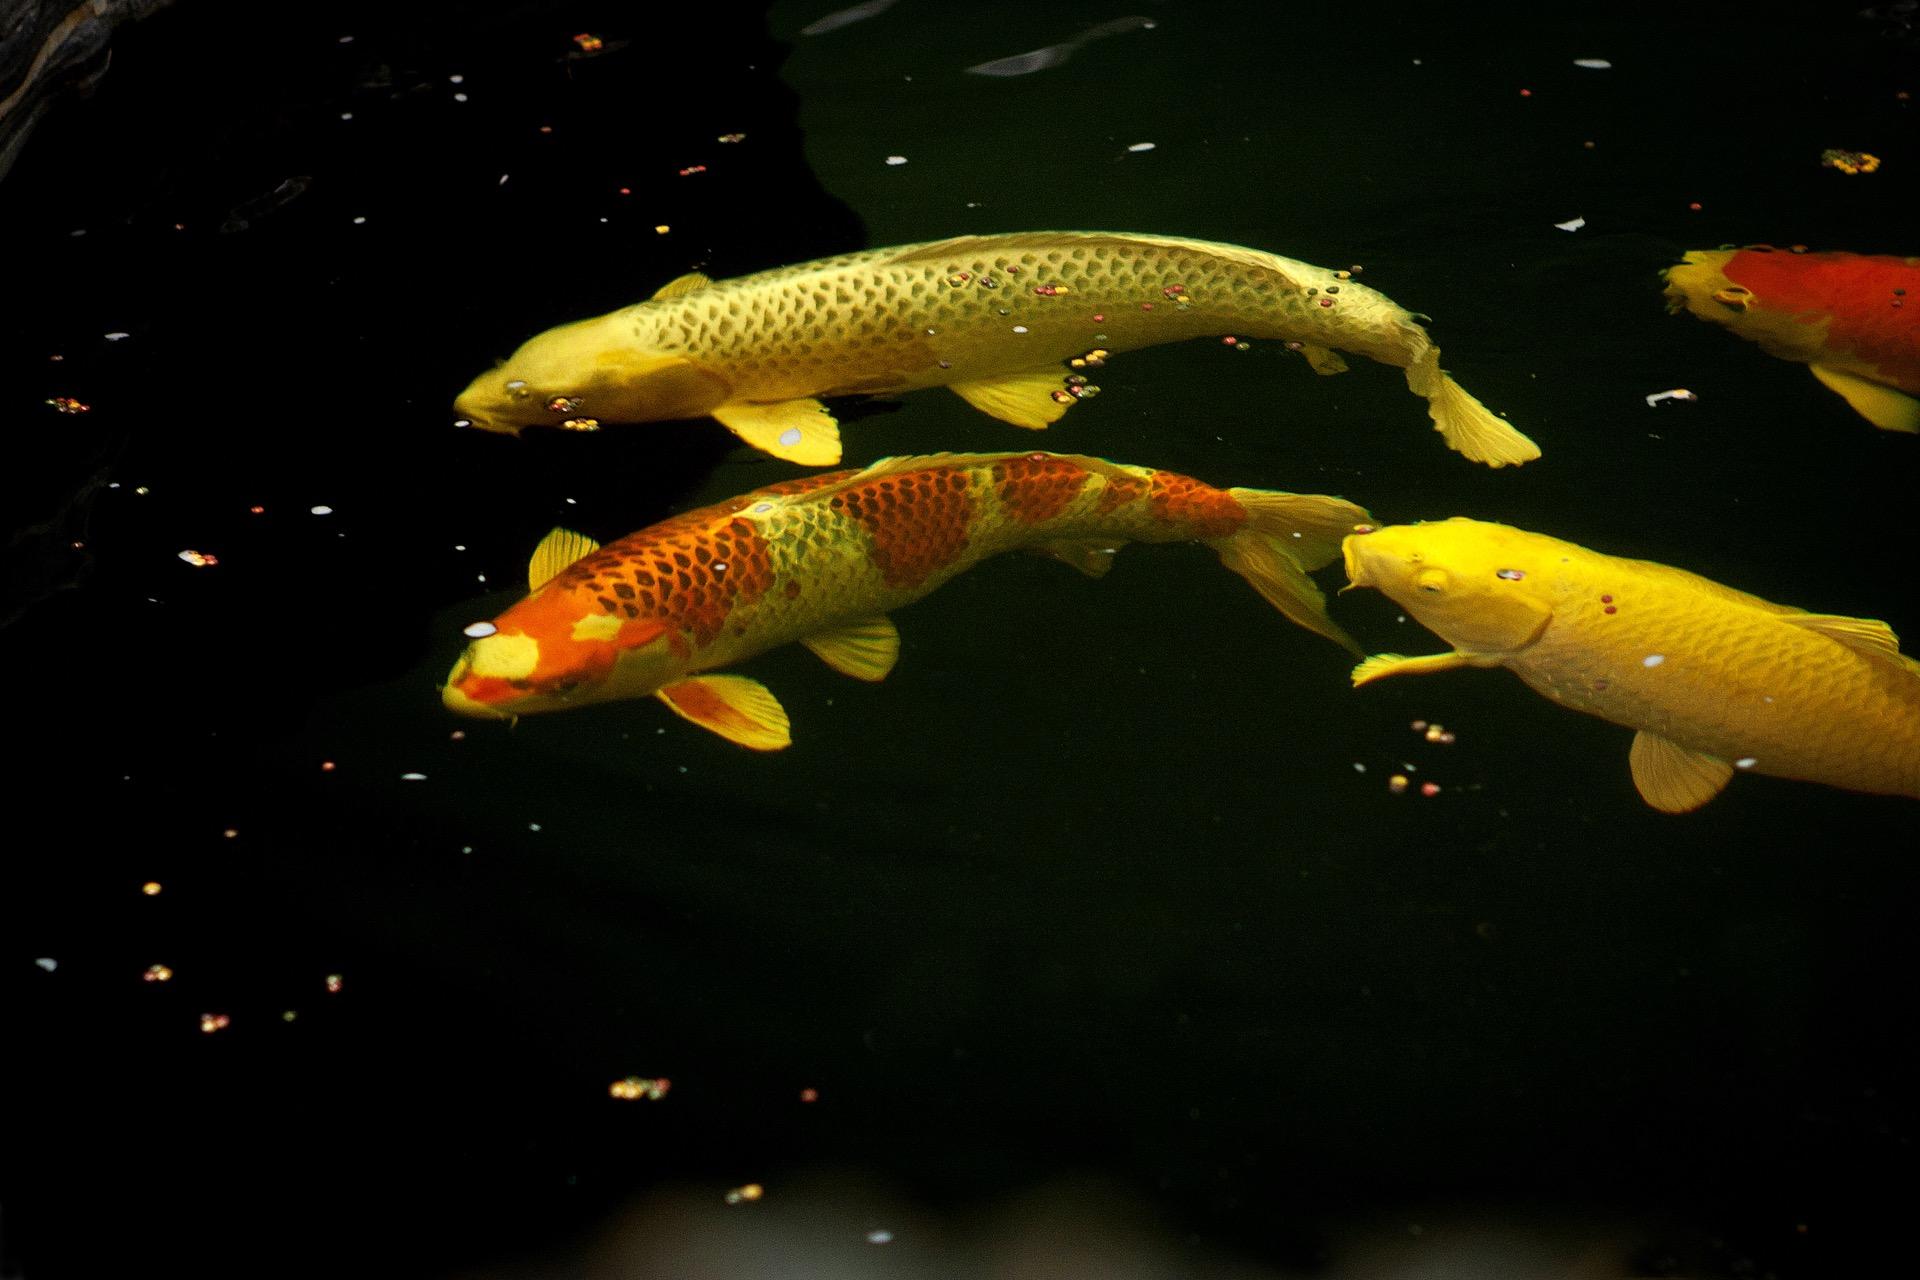 Teichfische bern koi teichfische f r jeden geschmack for Koi teichfische